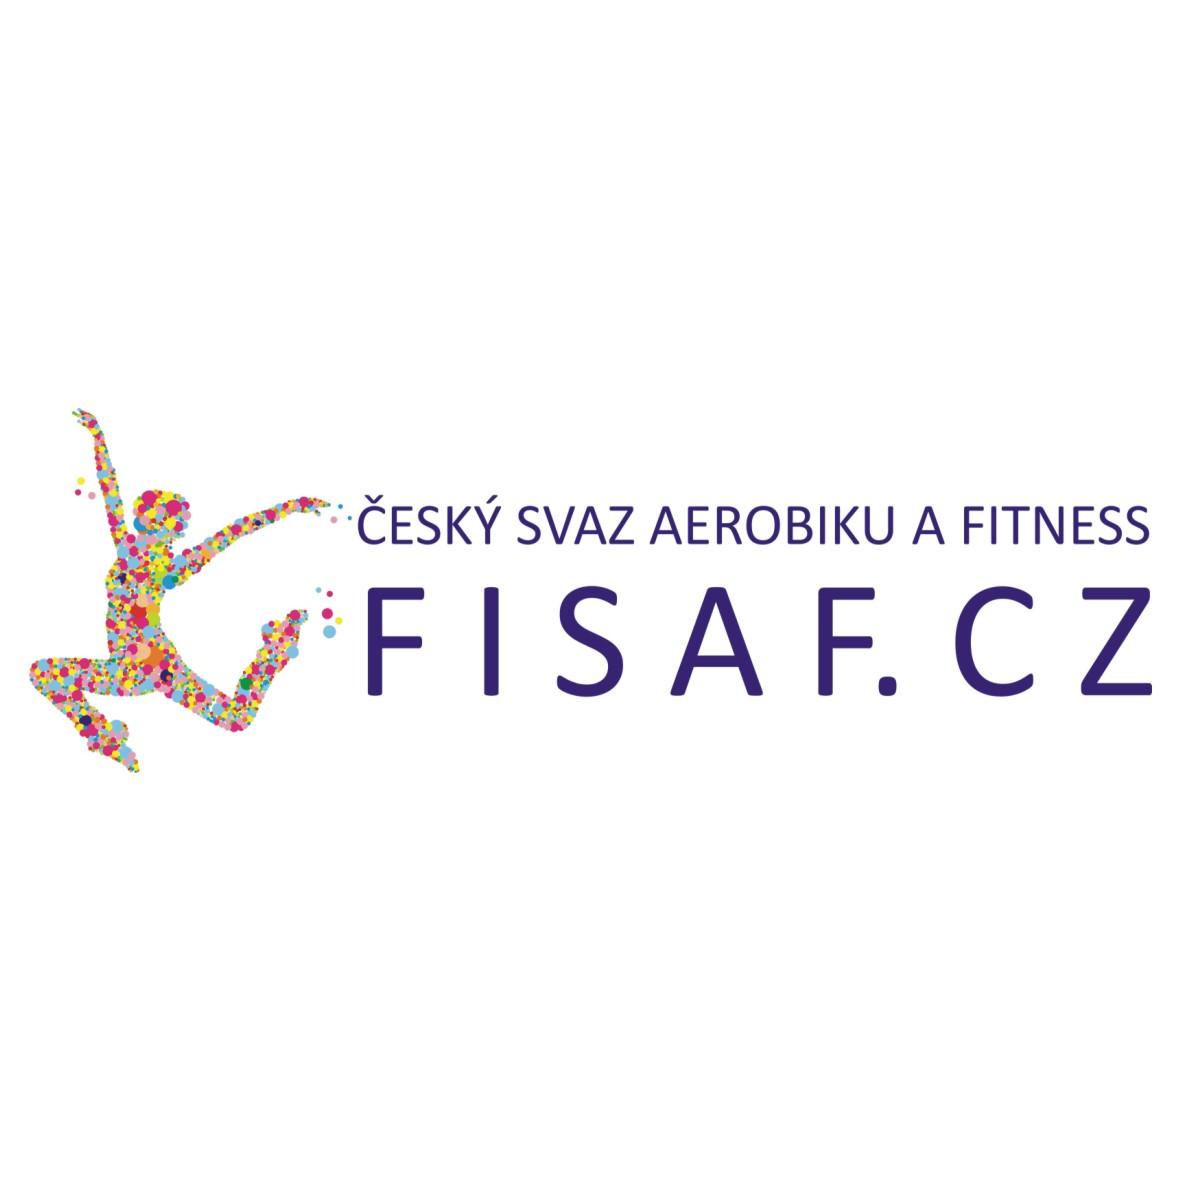 Český svaz aerobiku a fitness FISAF.cz